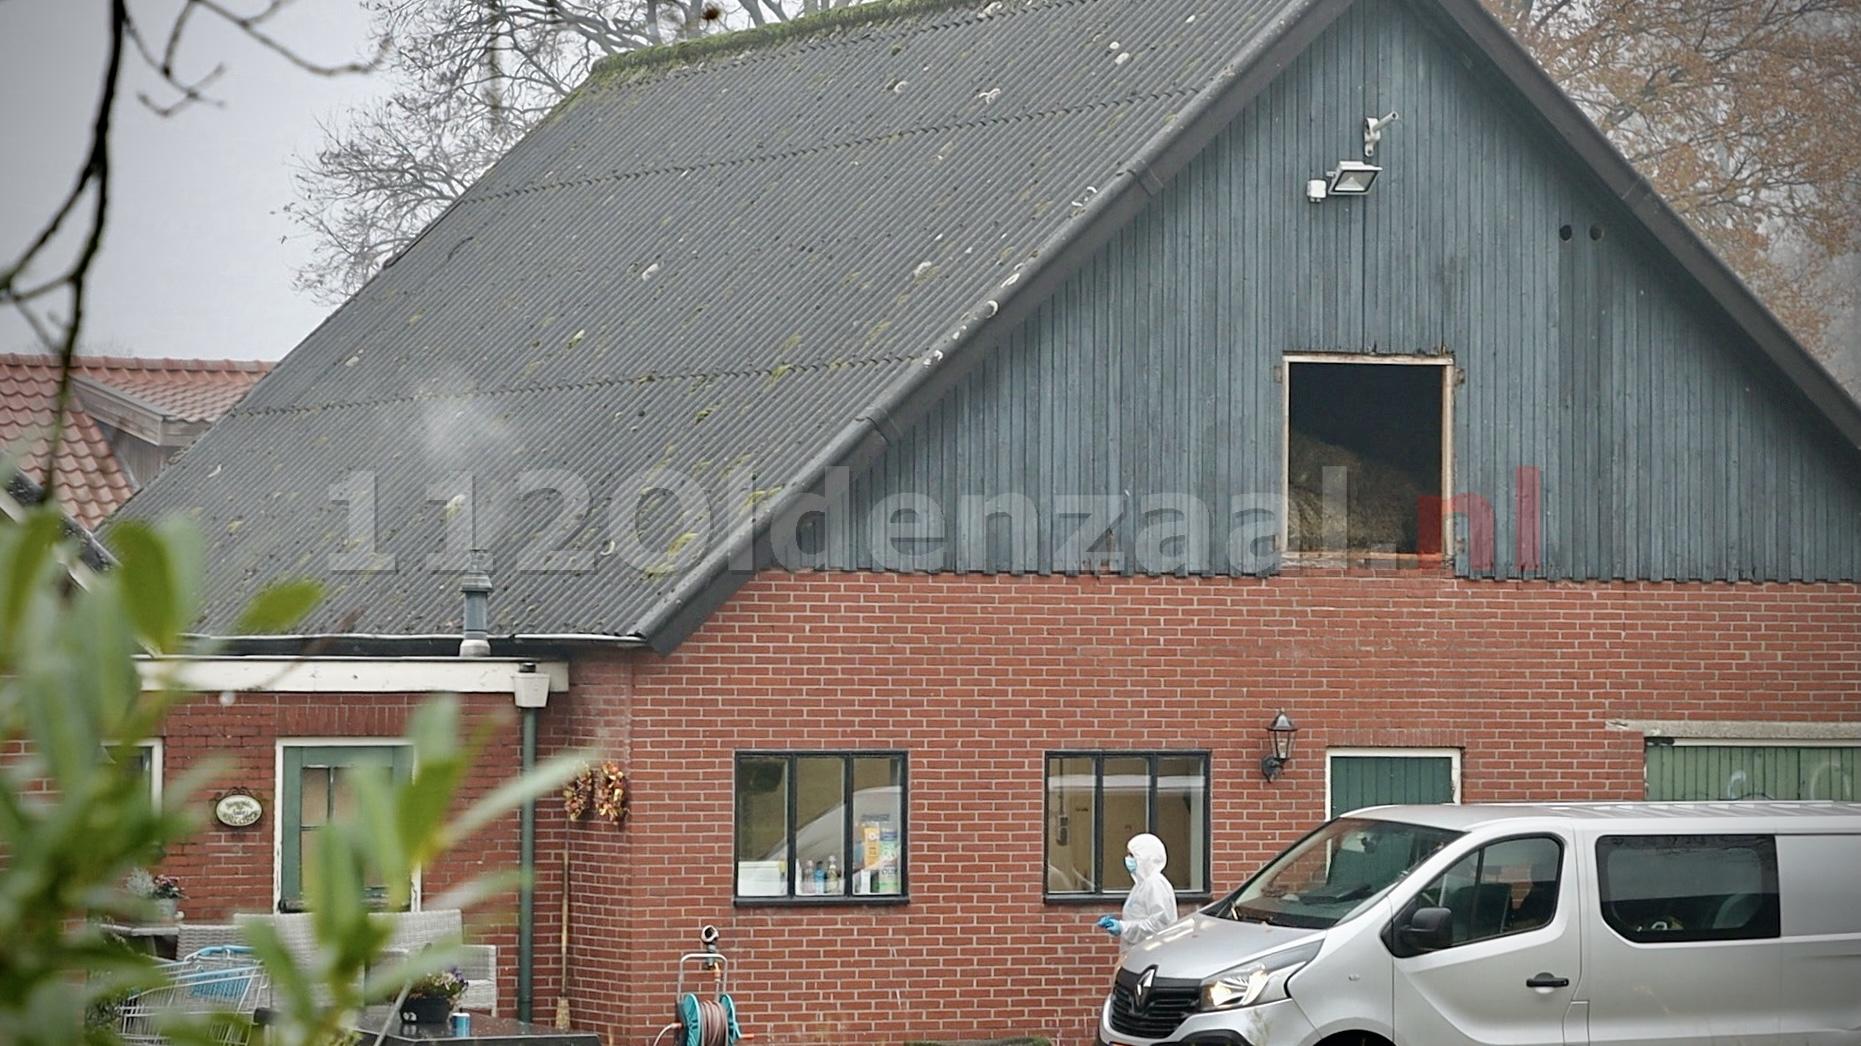 Politie doorzoekt woningen in Hengelo en Deurningen